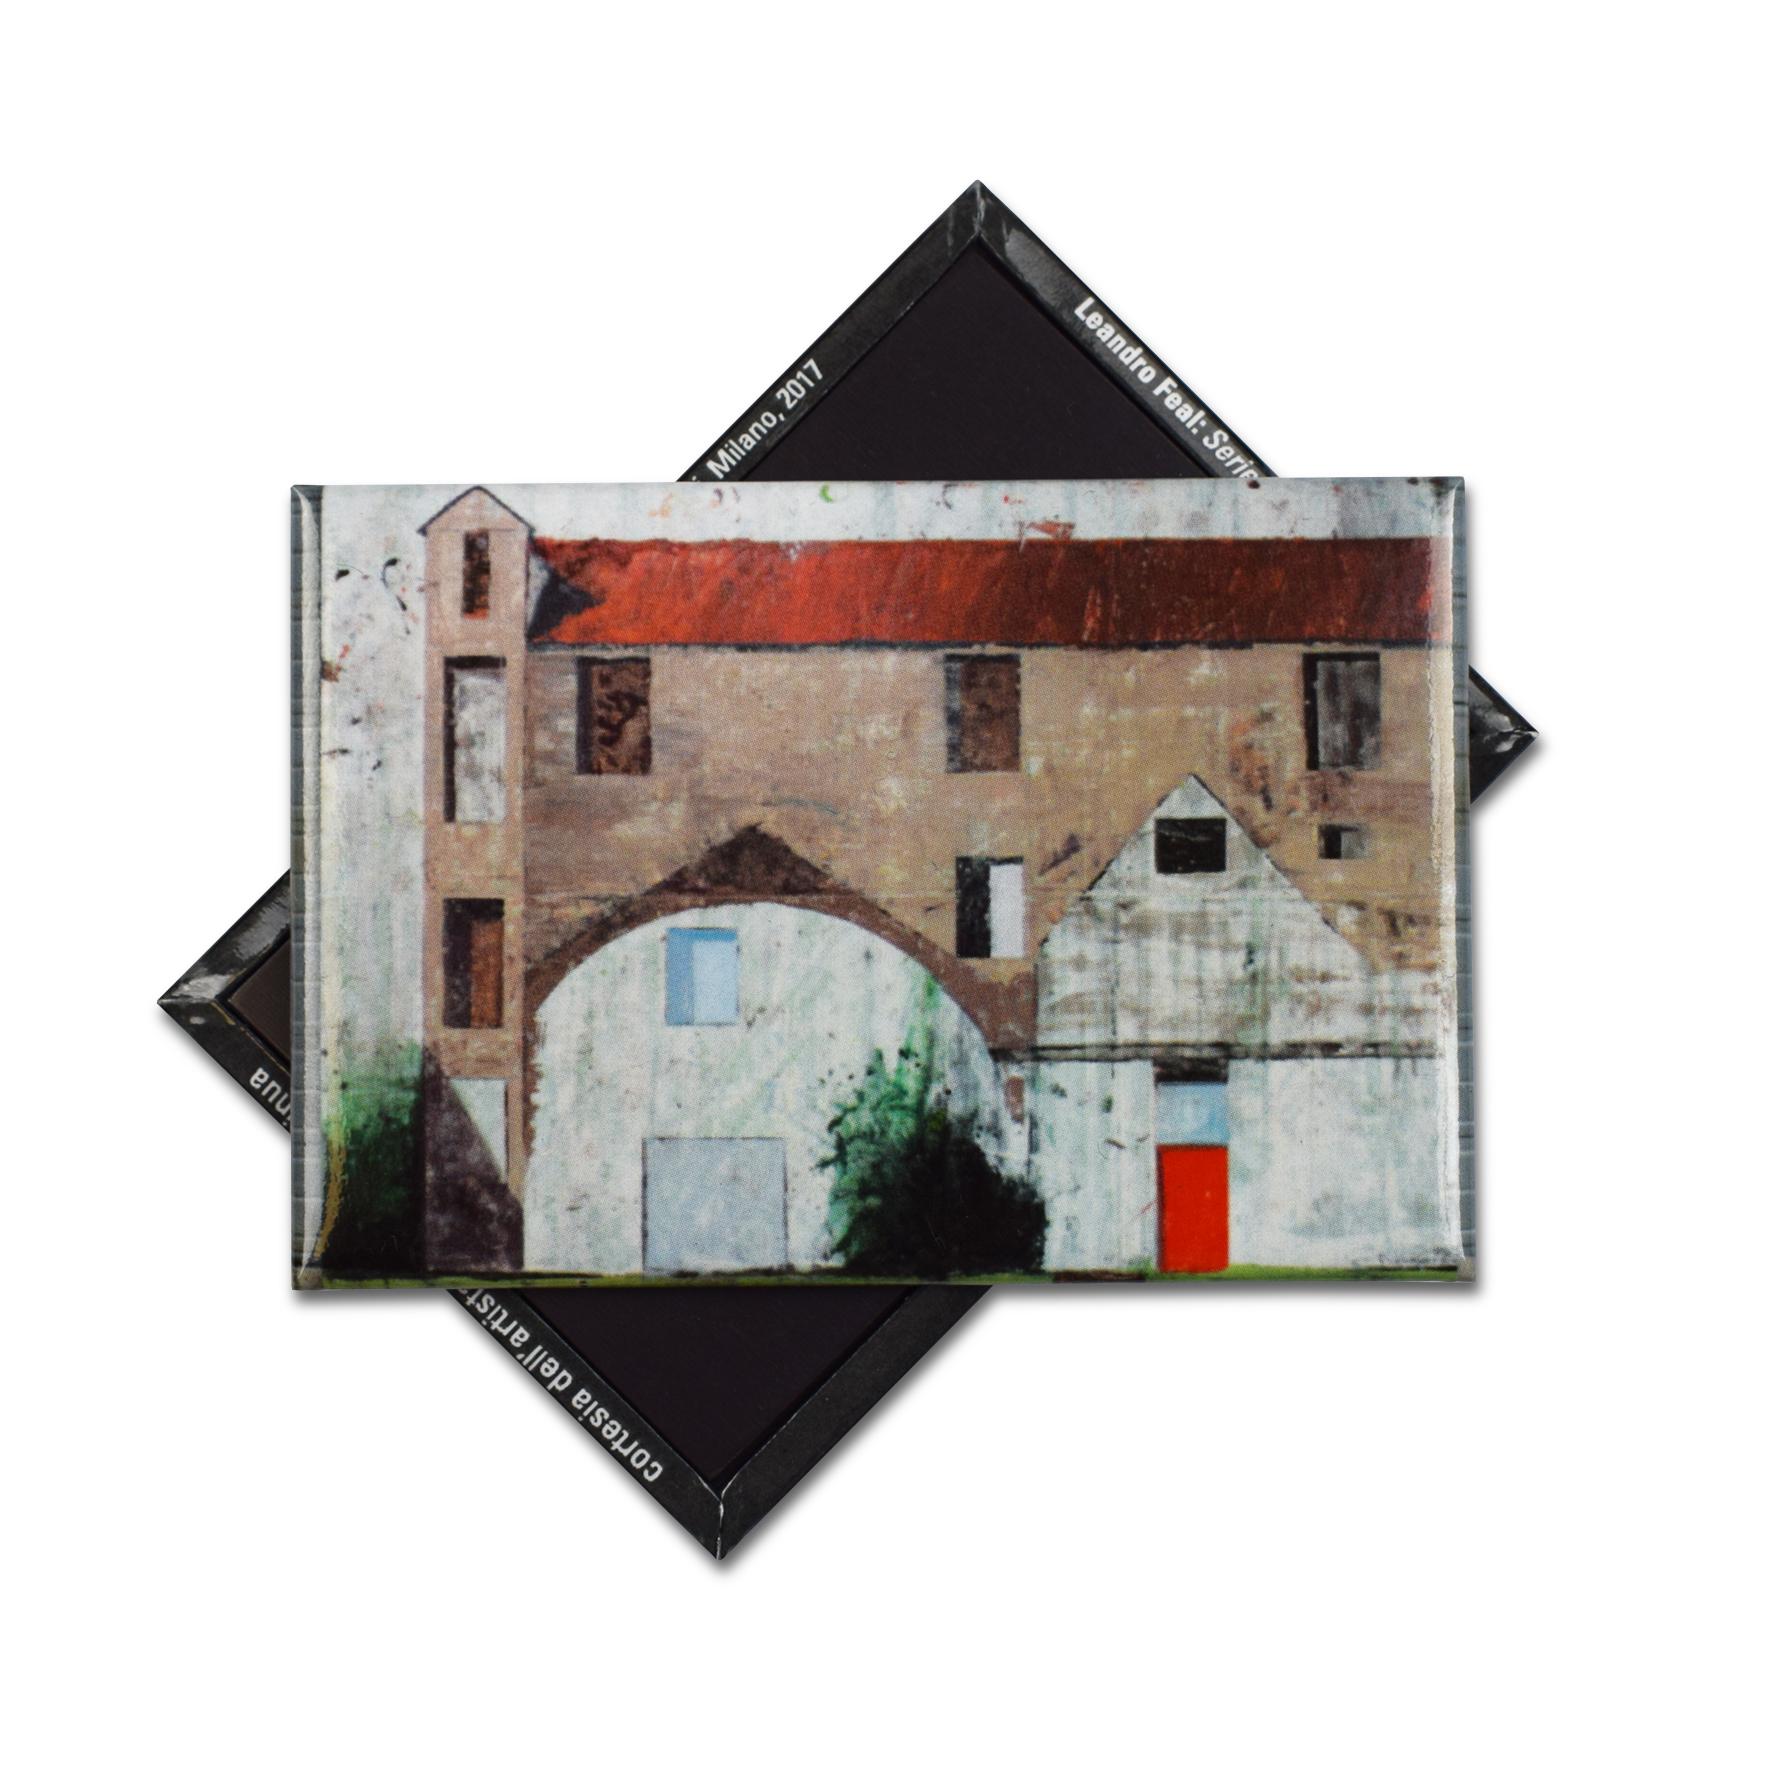 """Magnete personalizzato """"Serie Acertijo, 2015 Alejamdro Campins"""" per la mostra """"Soy Cuba?"""""""